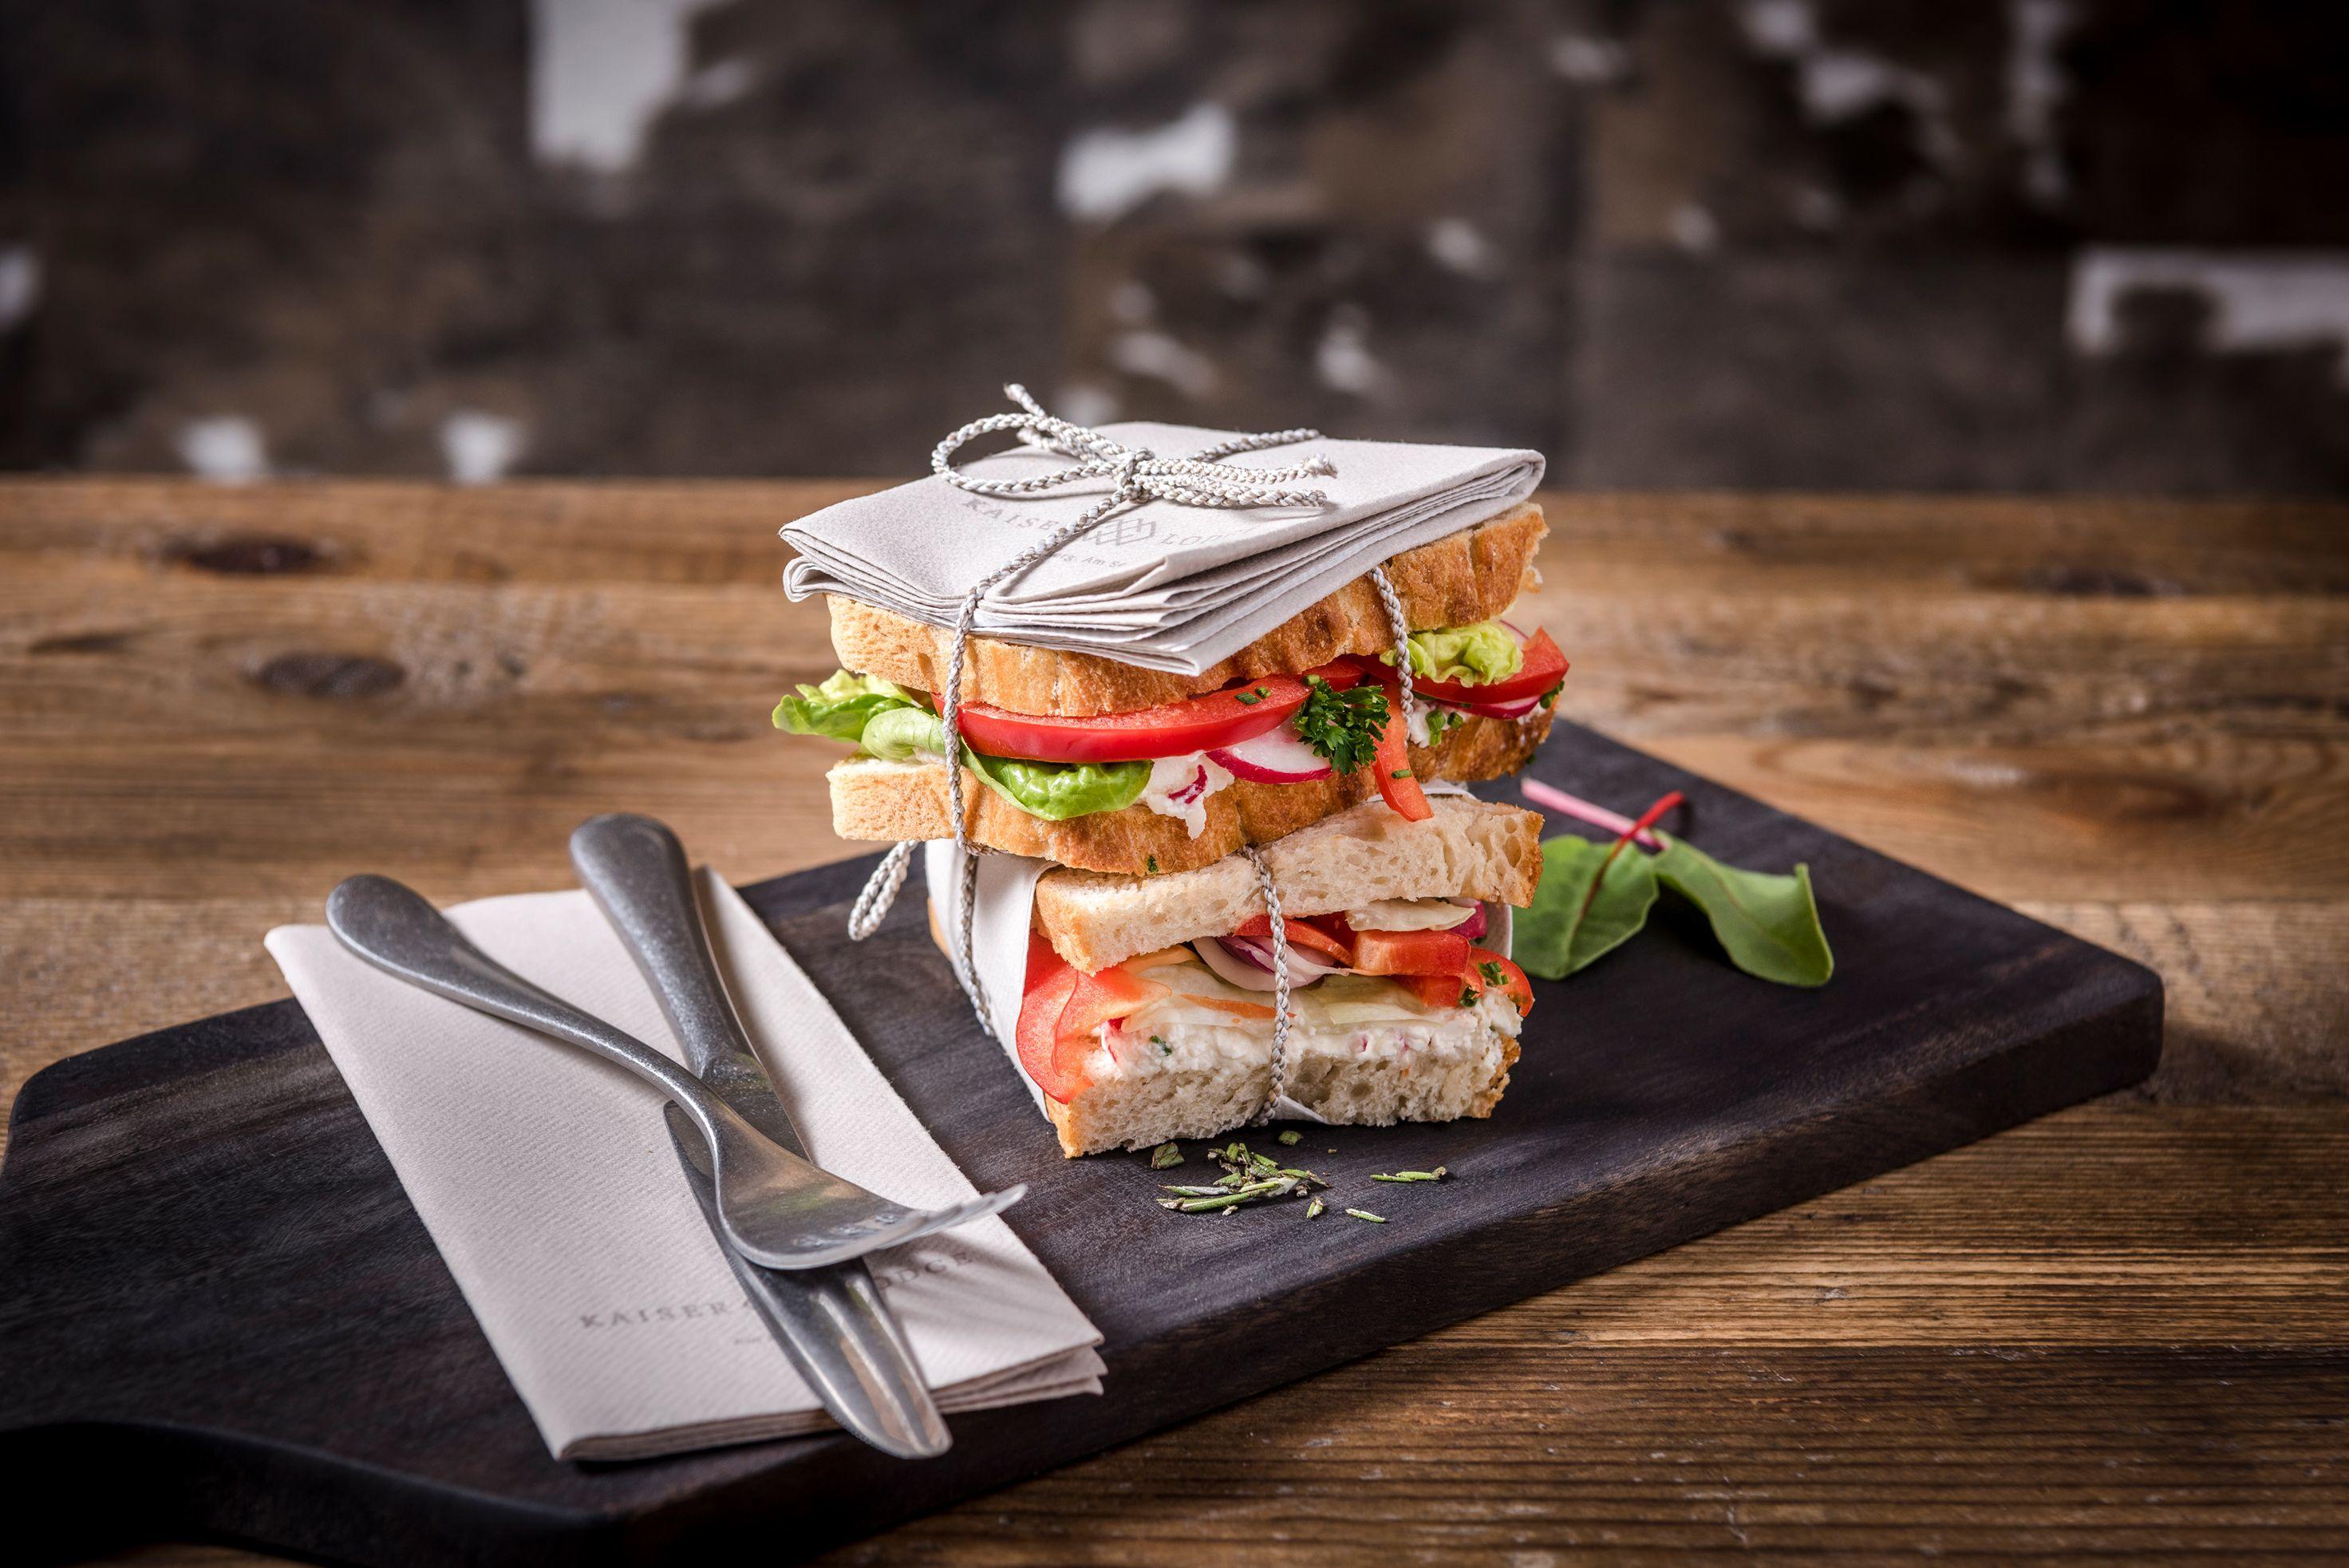 Küchen design hotel kaiserlodge  am berg am see  kulinarik u küche  regional